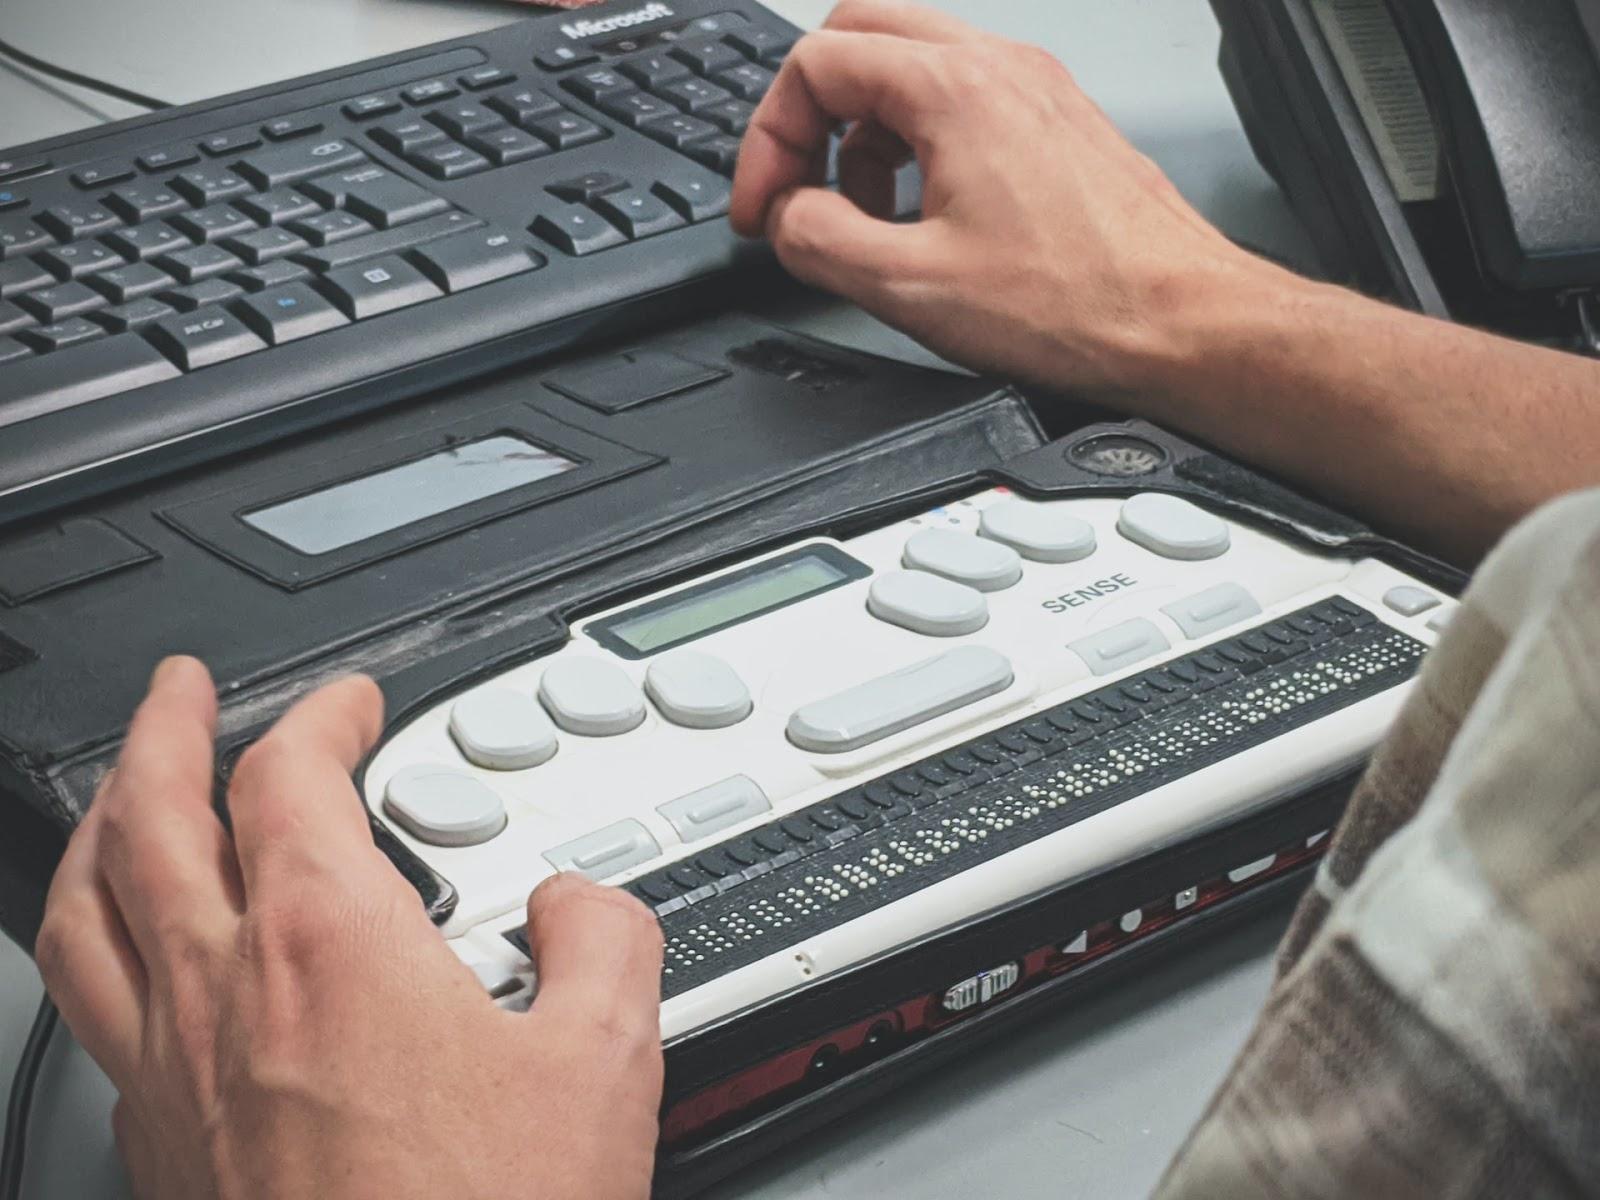 Para navegar na internet, muitas pessoas com deficiência visual usam um display Braille, aparelho que transforma as informações do site em escrita tátil Braille. (Foto: Unsplash)